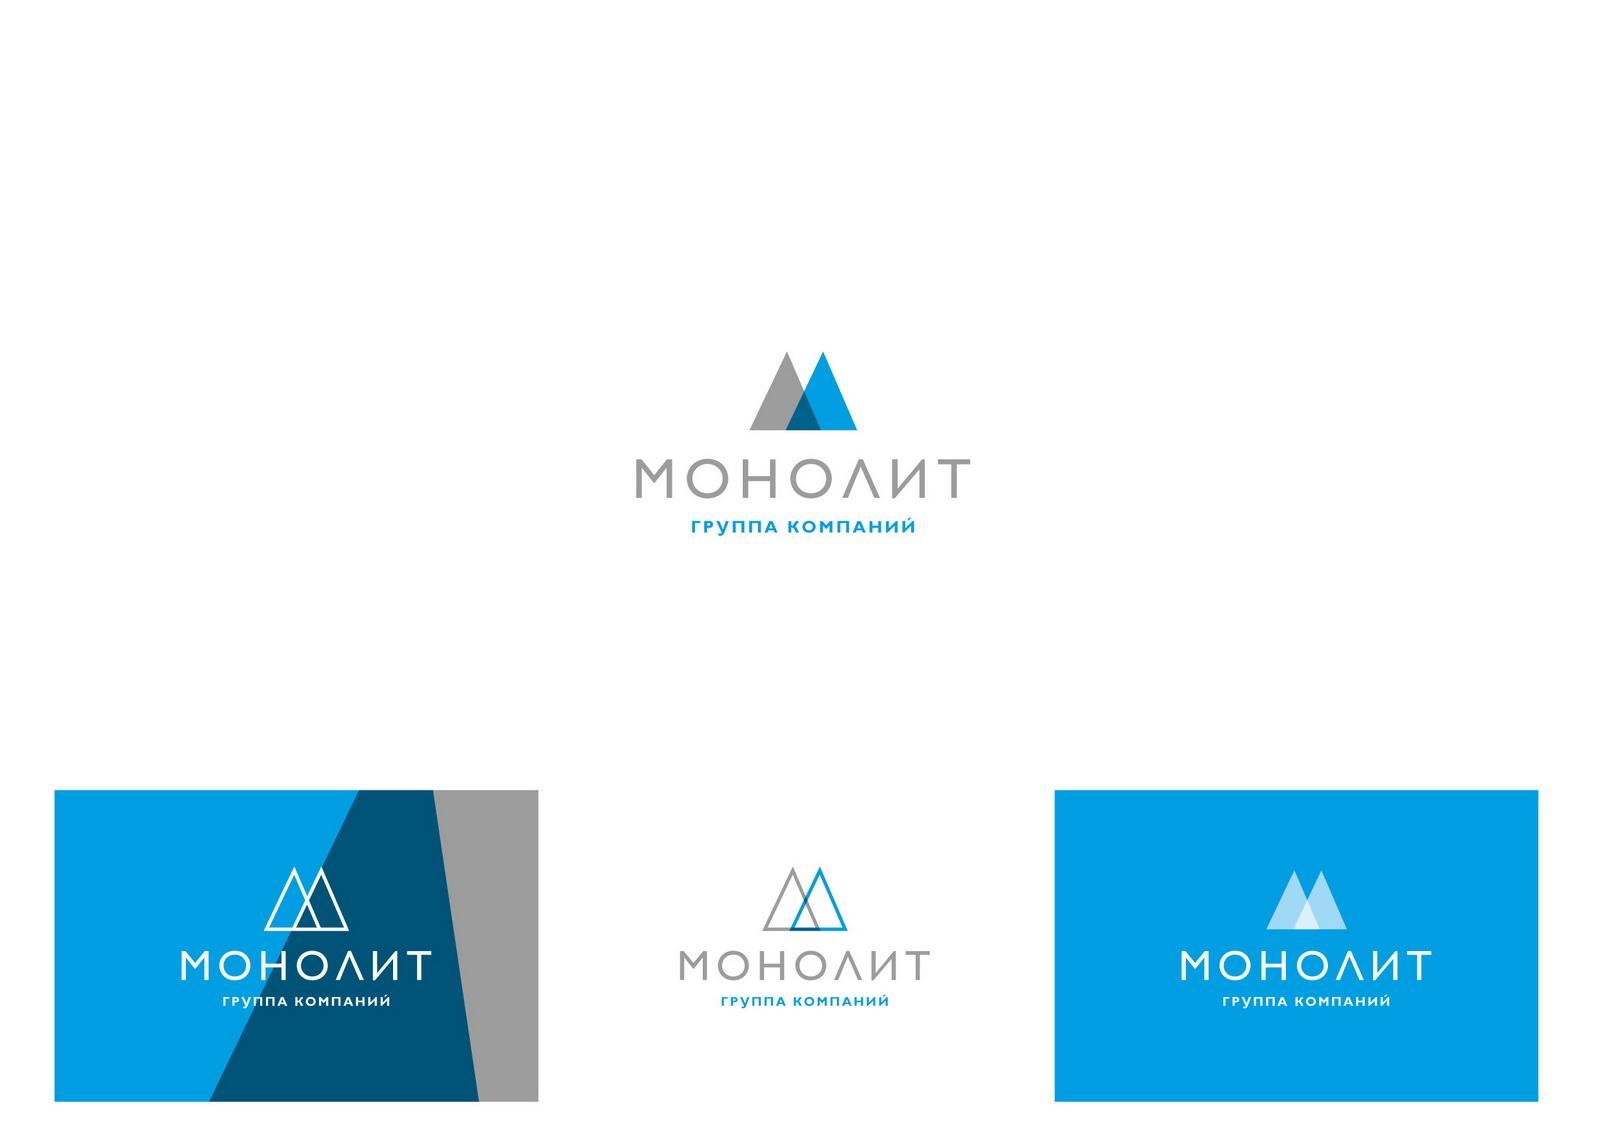 Ανάπτυξη του σήματος και του λογότυπου Μονόλιθος